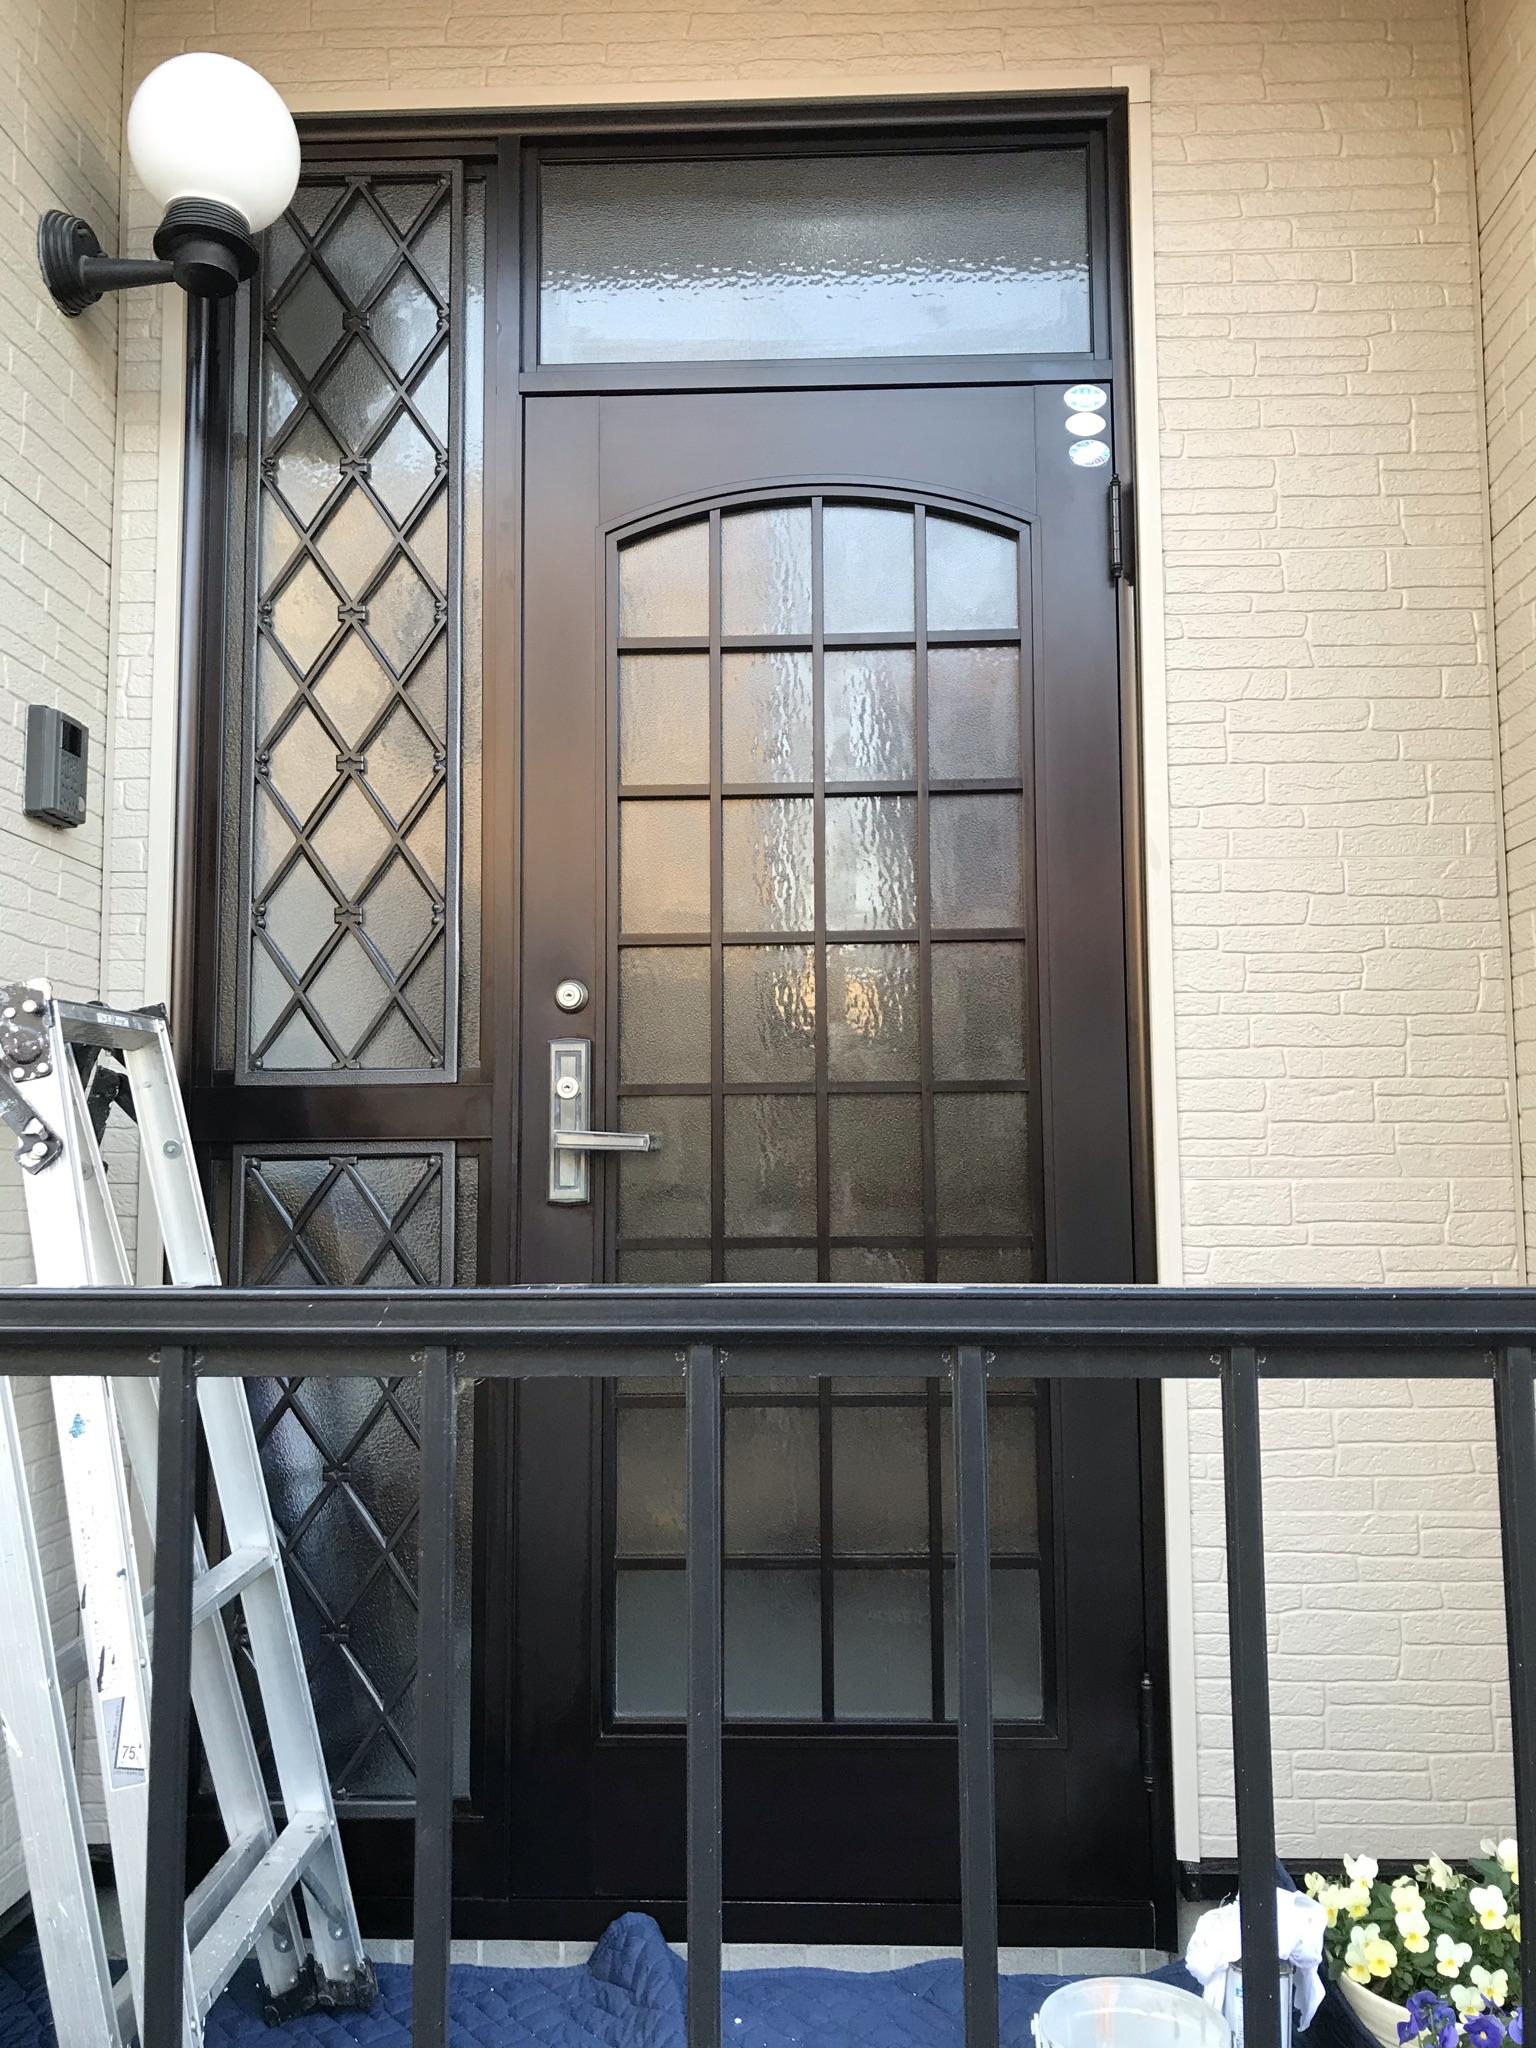 春日部市でベランダ一部補修塗装のお宅玄関ドアをメタルウエアでコーティング